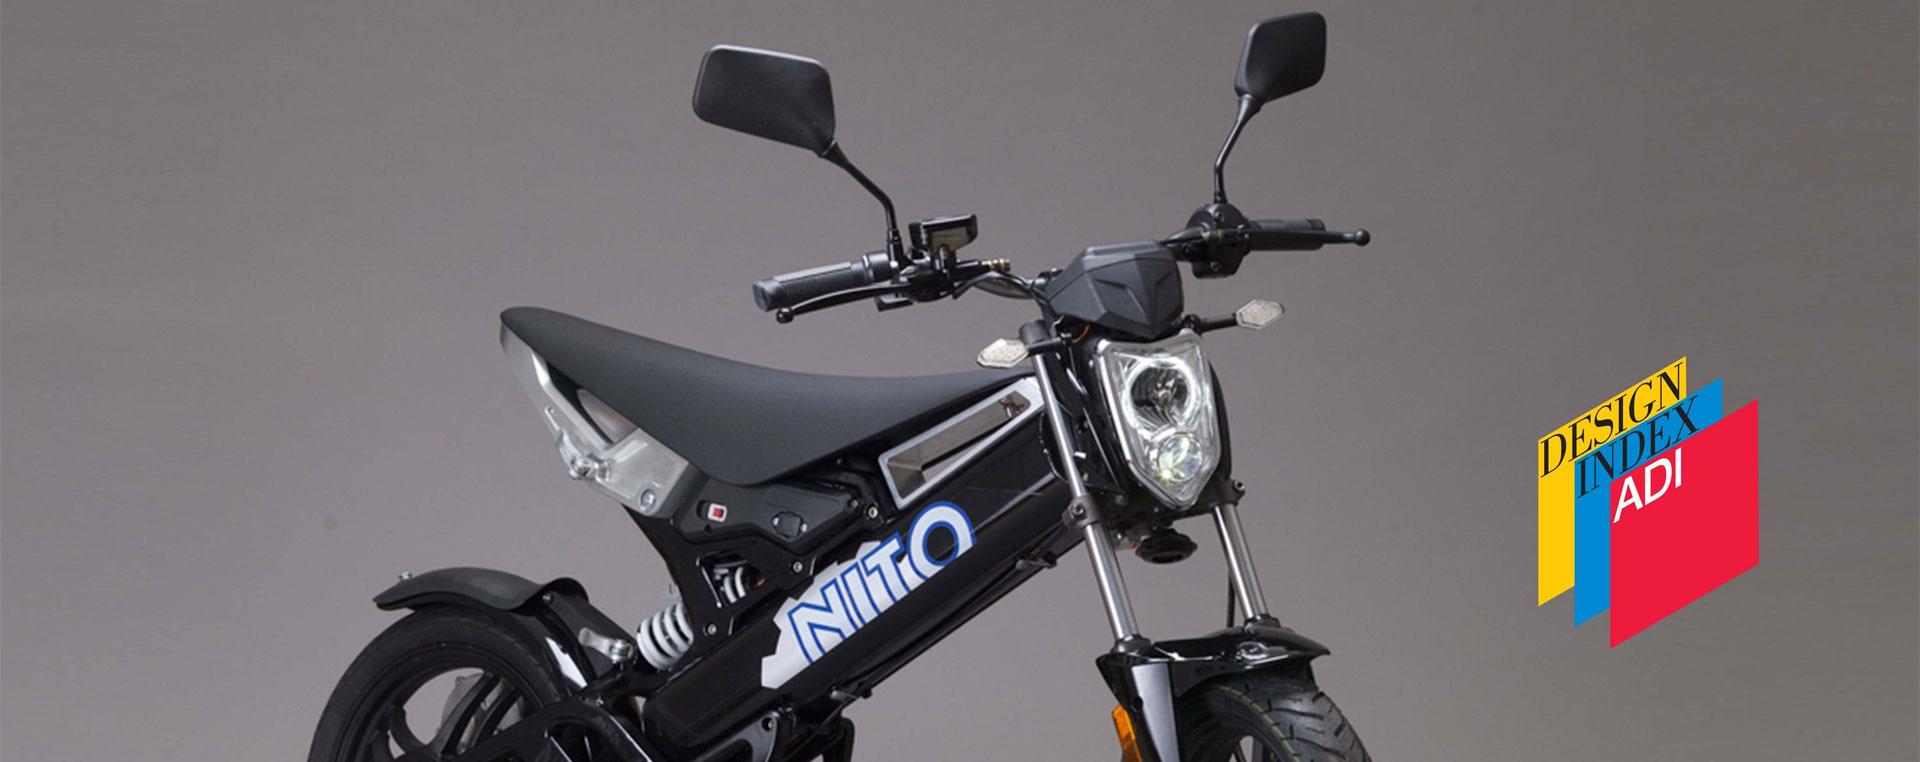 nito-adi1